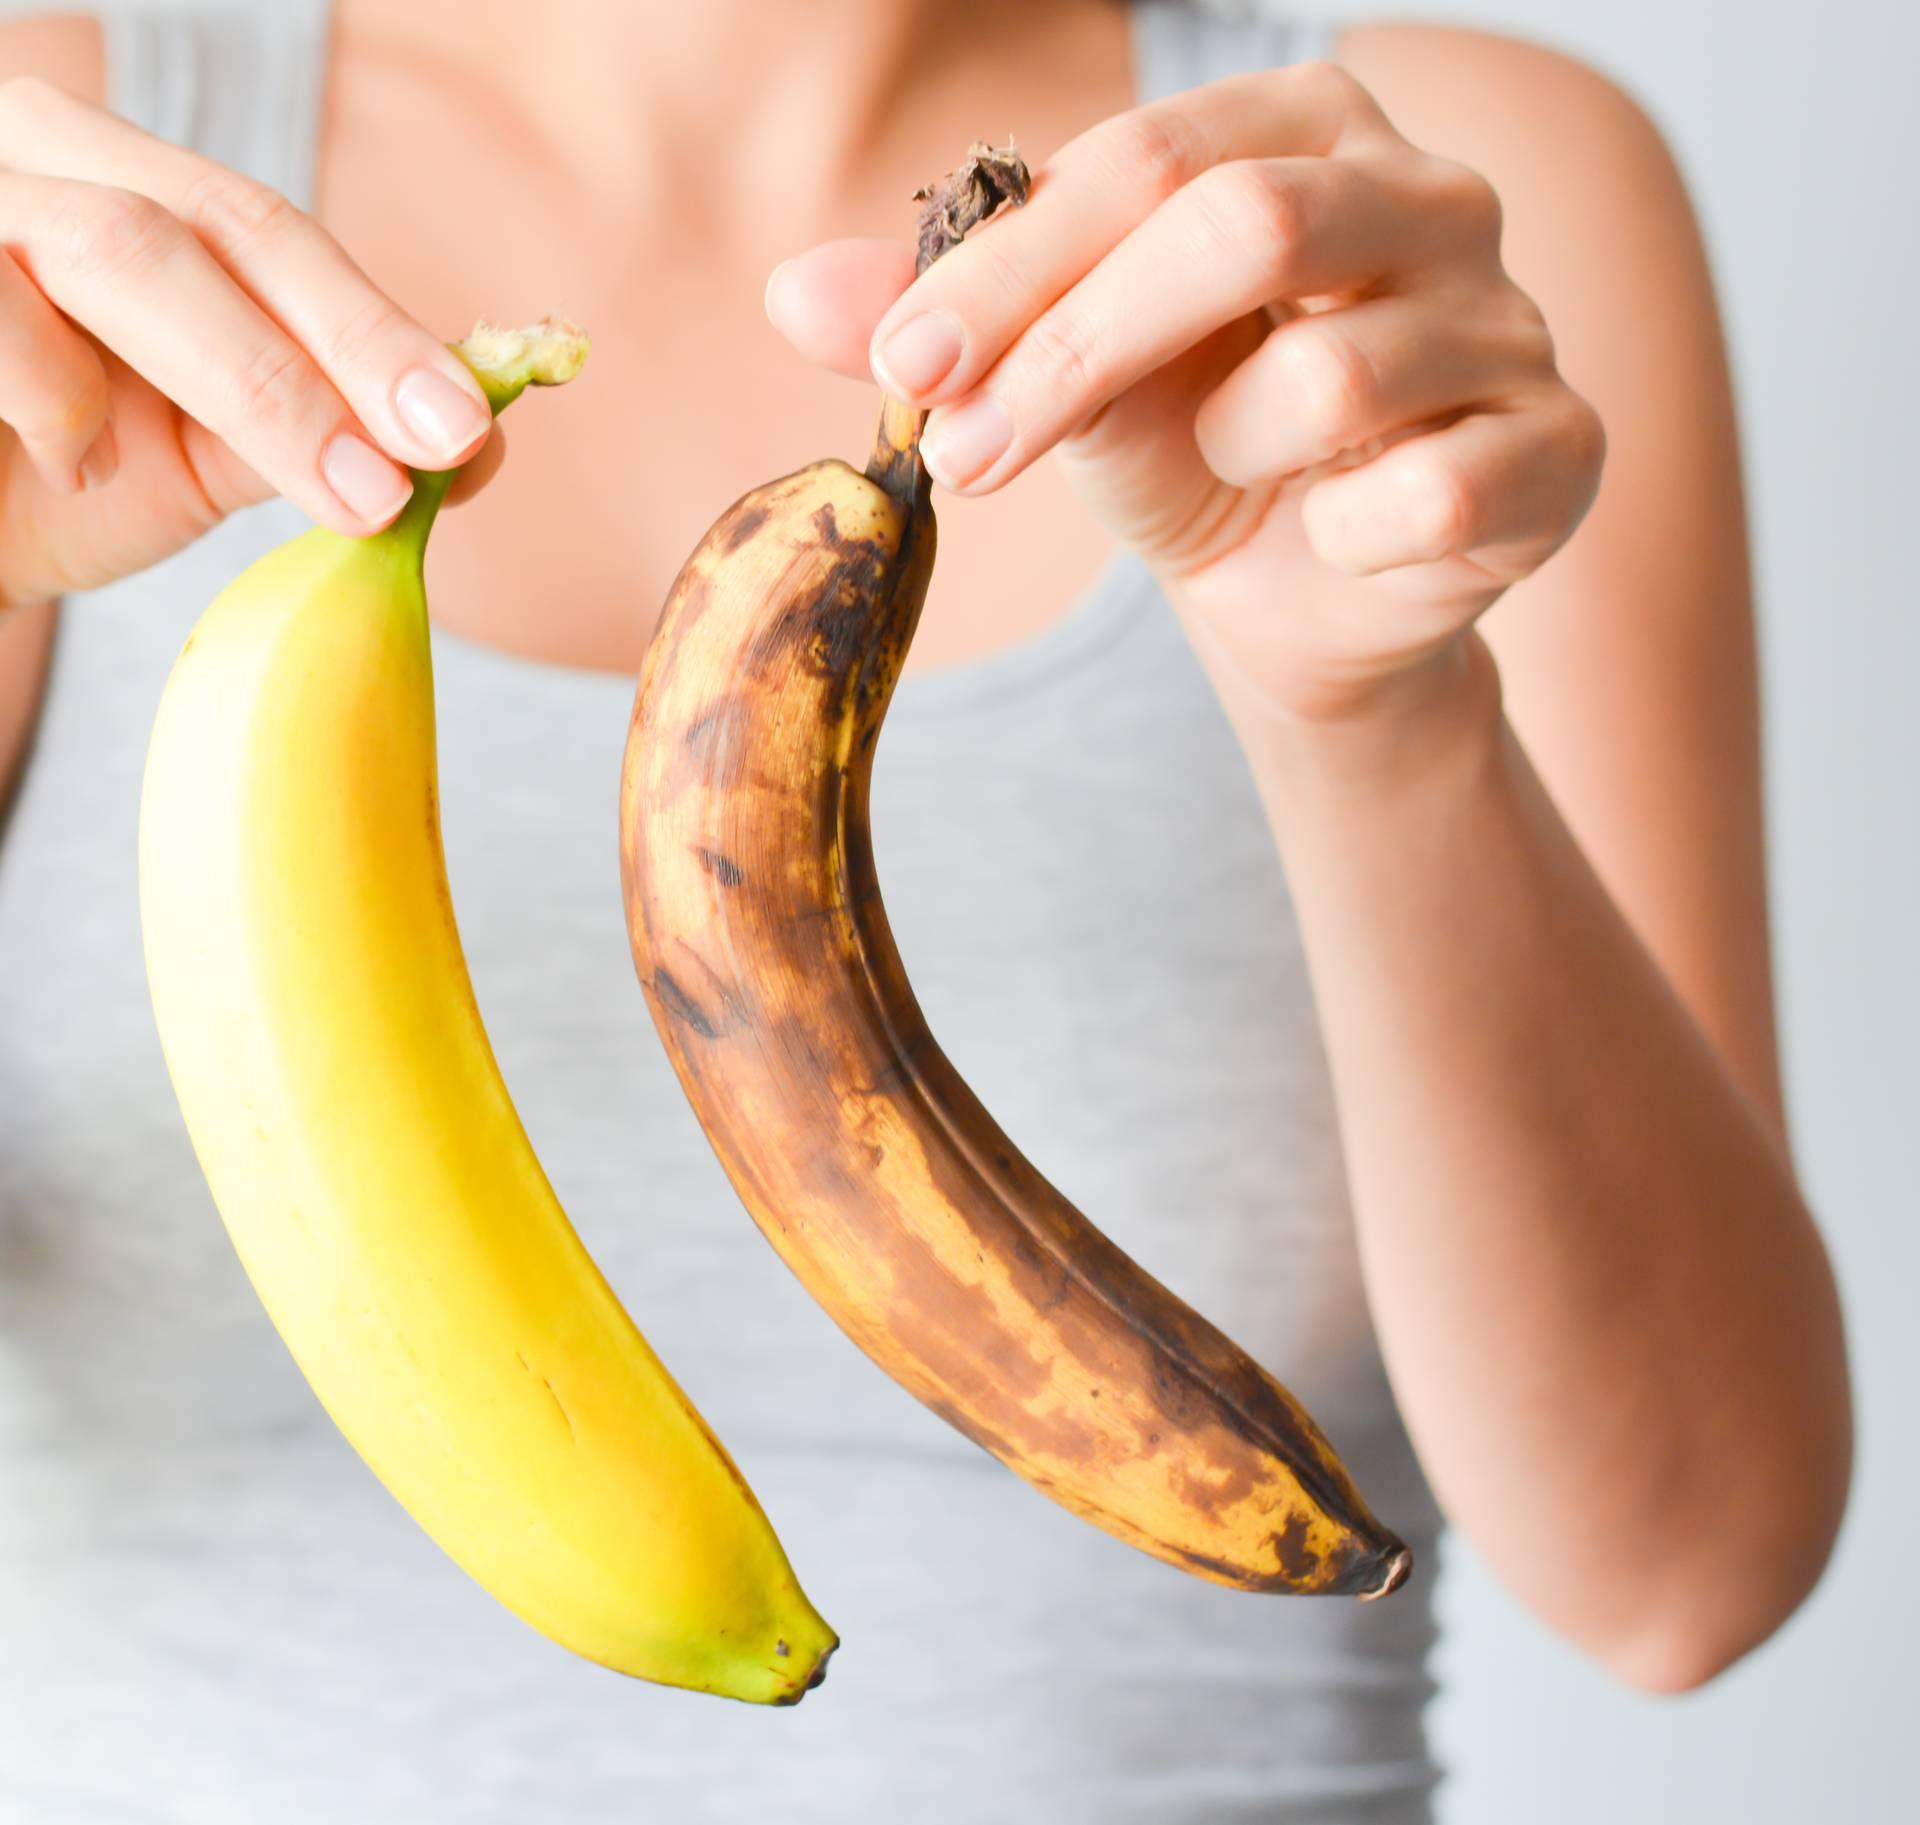 Uzrokuje li jedenje banana zatvor ili potiču probavu? Ovisi jedete li zelene, smeđe ili žute